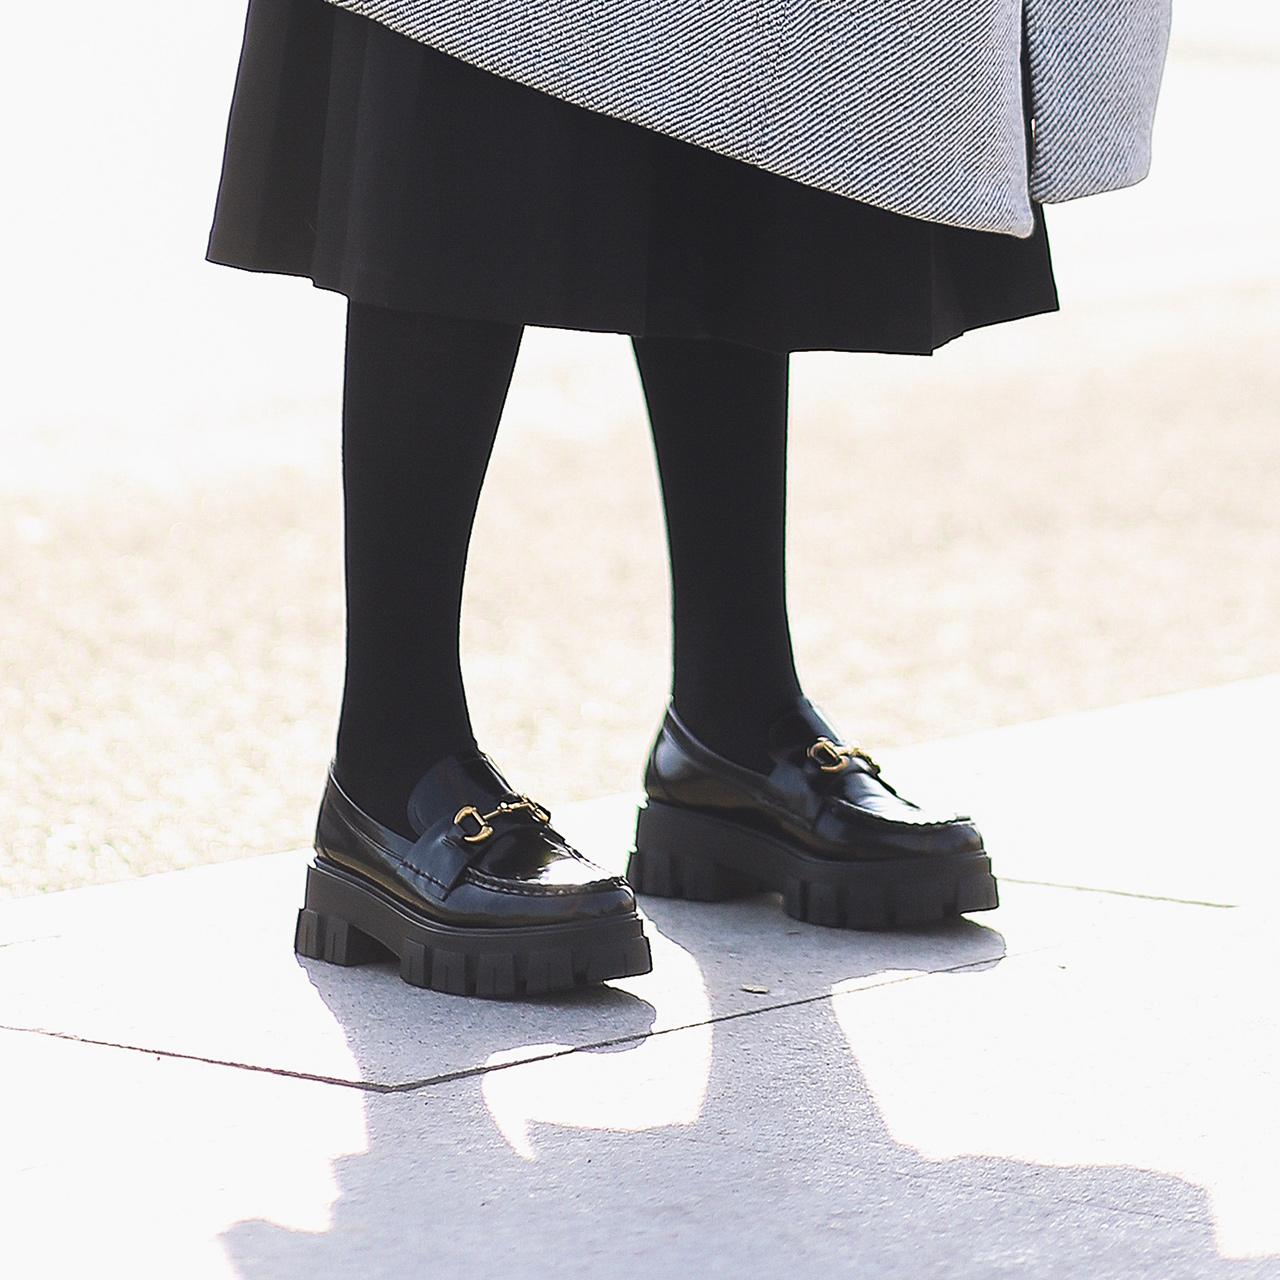 预售 3HJA3AM0 春季新品松糕厚底复古小皮鞋 2020 百丽暗黑乐福鞋女